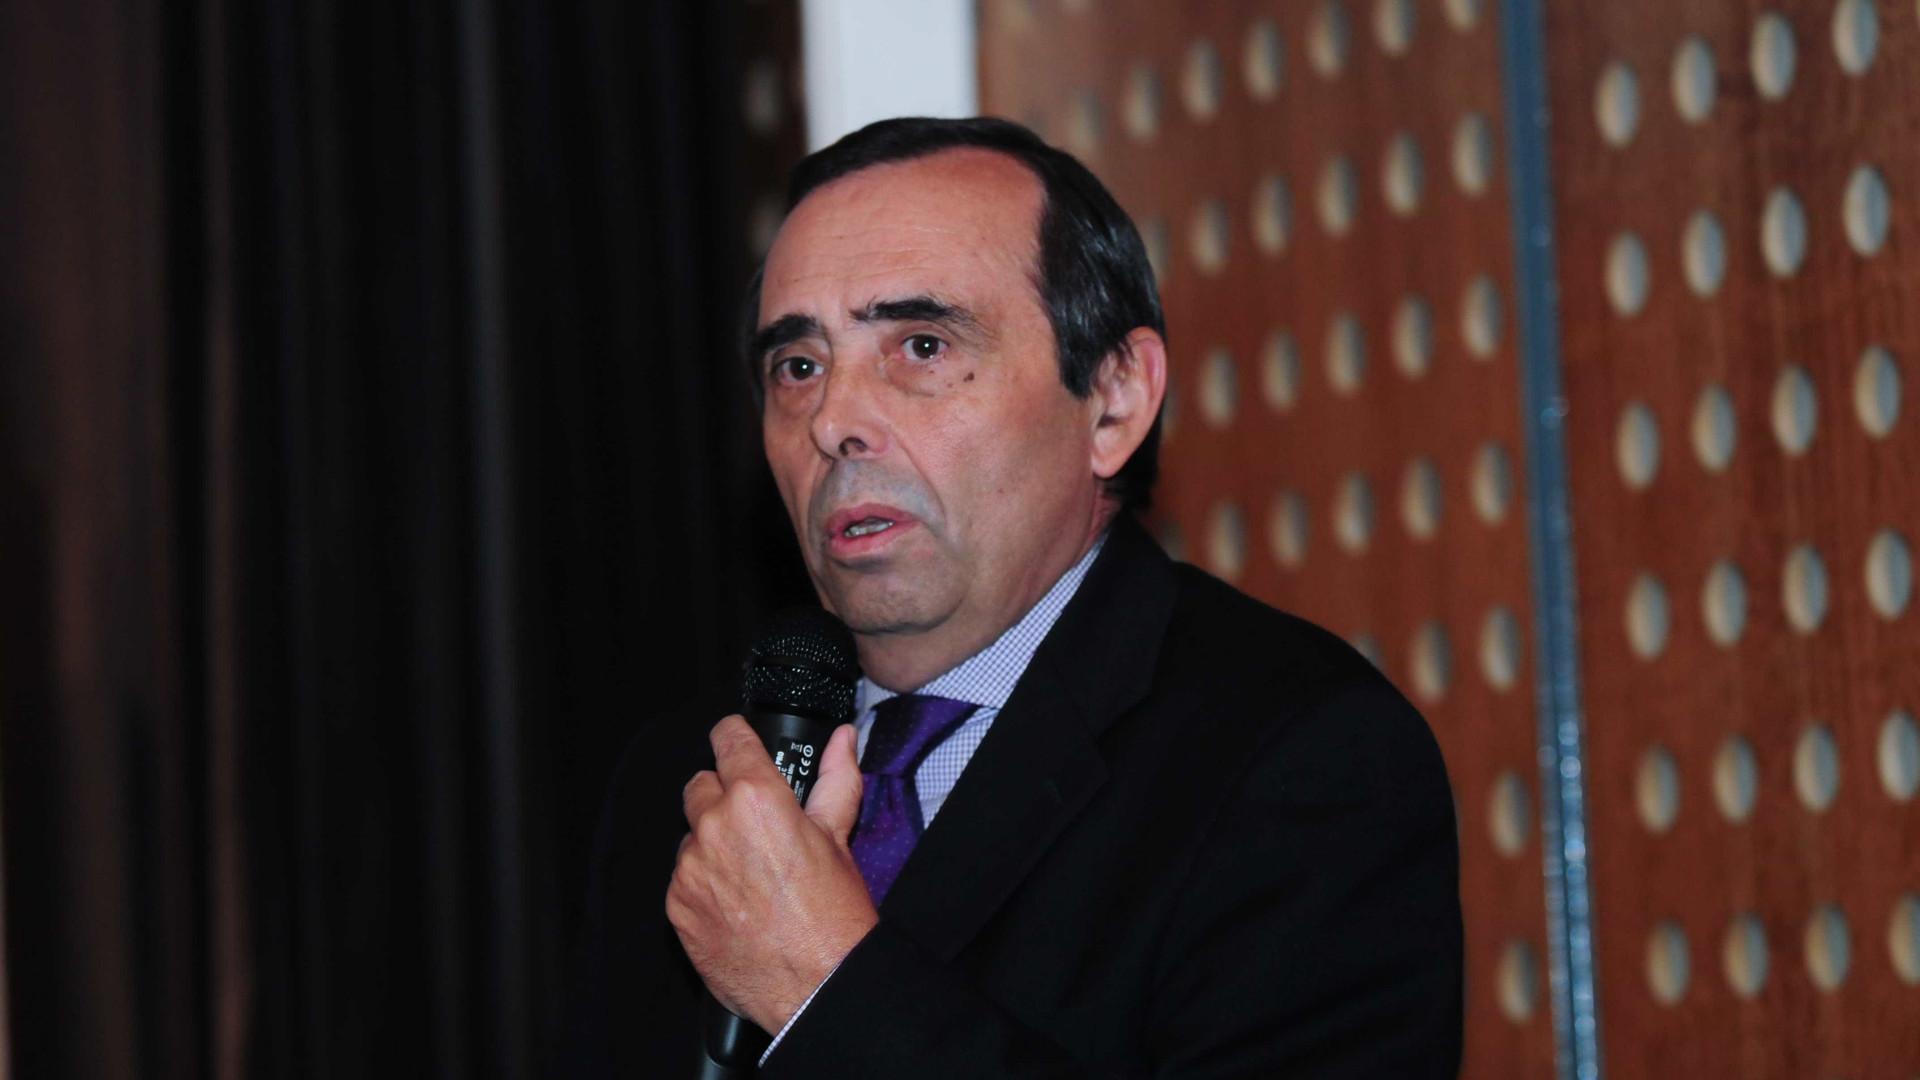 """Álvaro Amaro apela a união que evite """"barafunda total"""" em ano de eleições"""